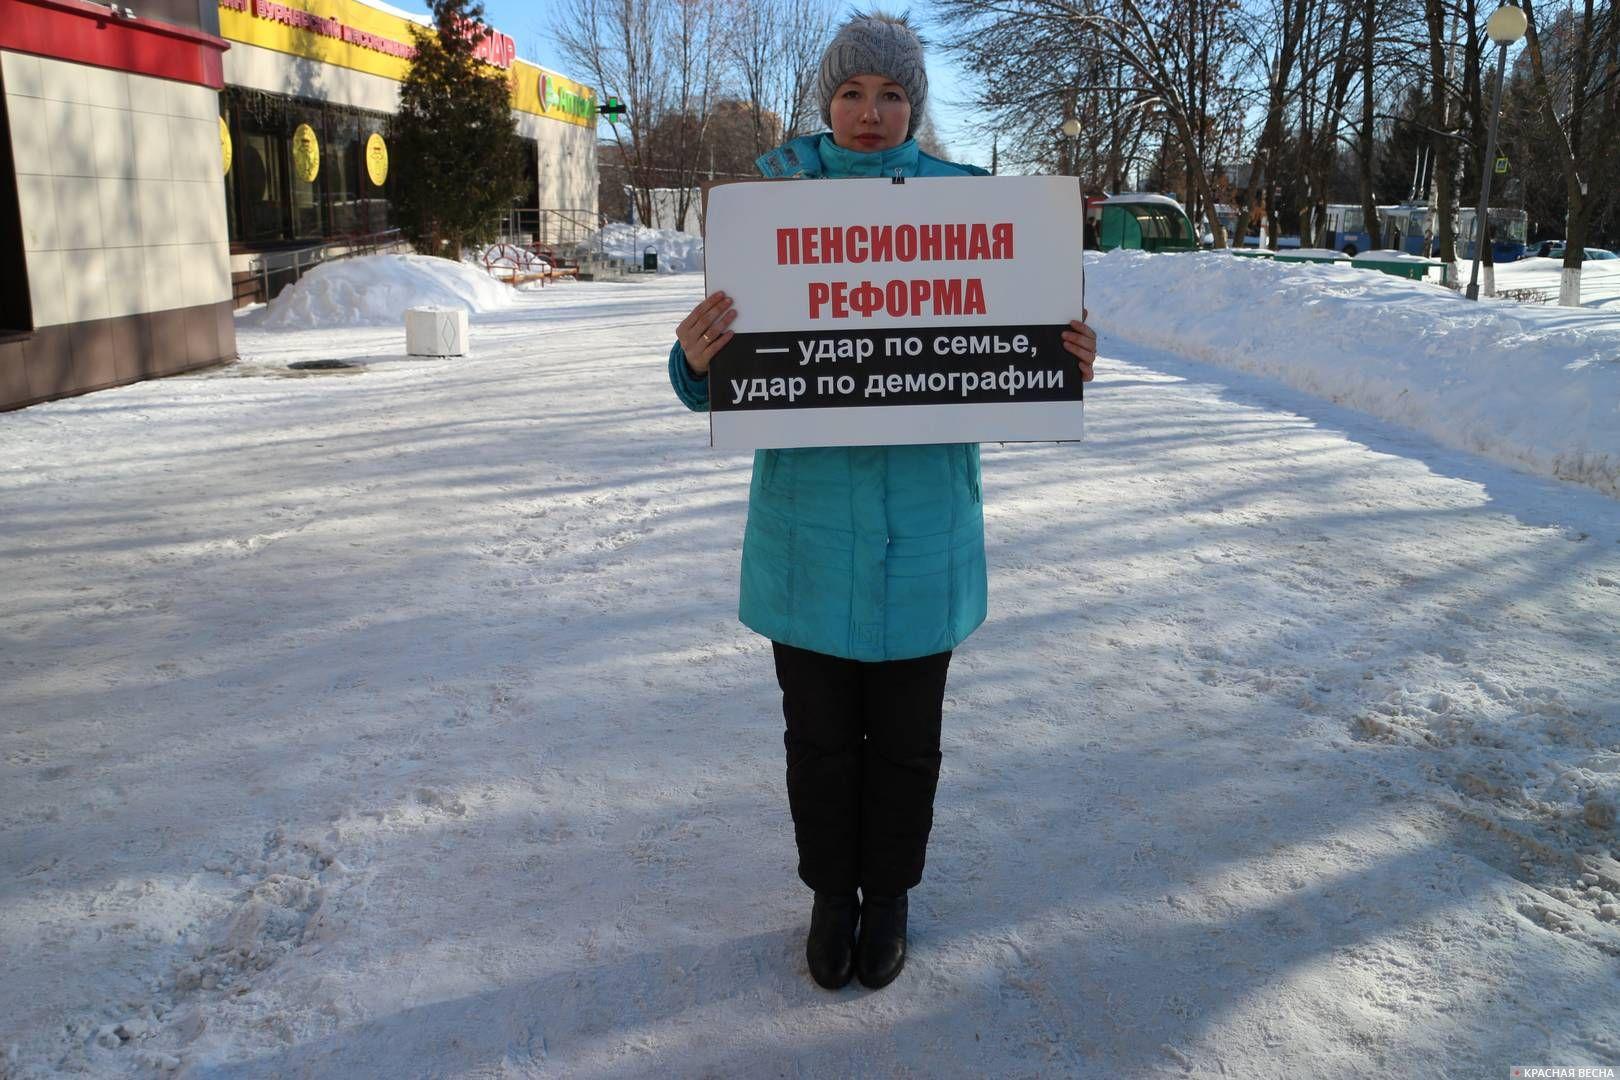 Протест против пенсионной реформы в Чебоксарах